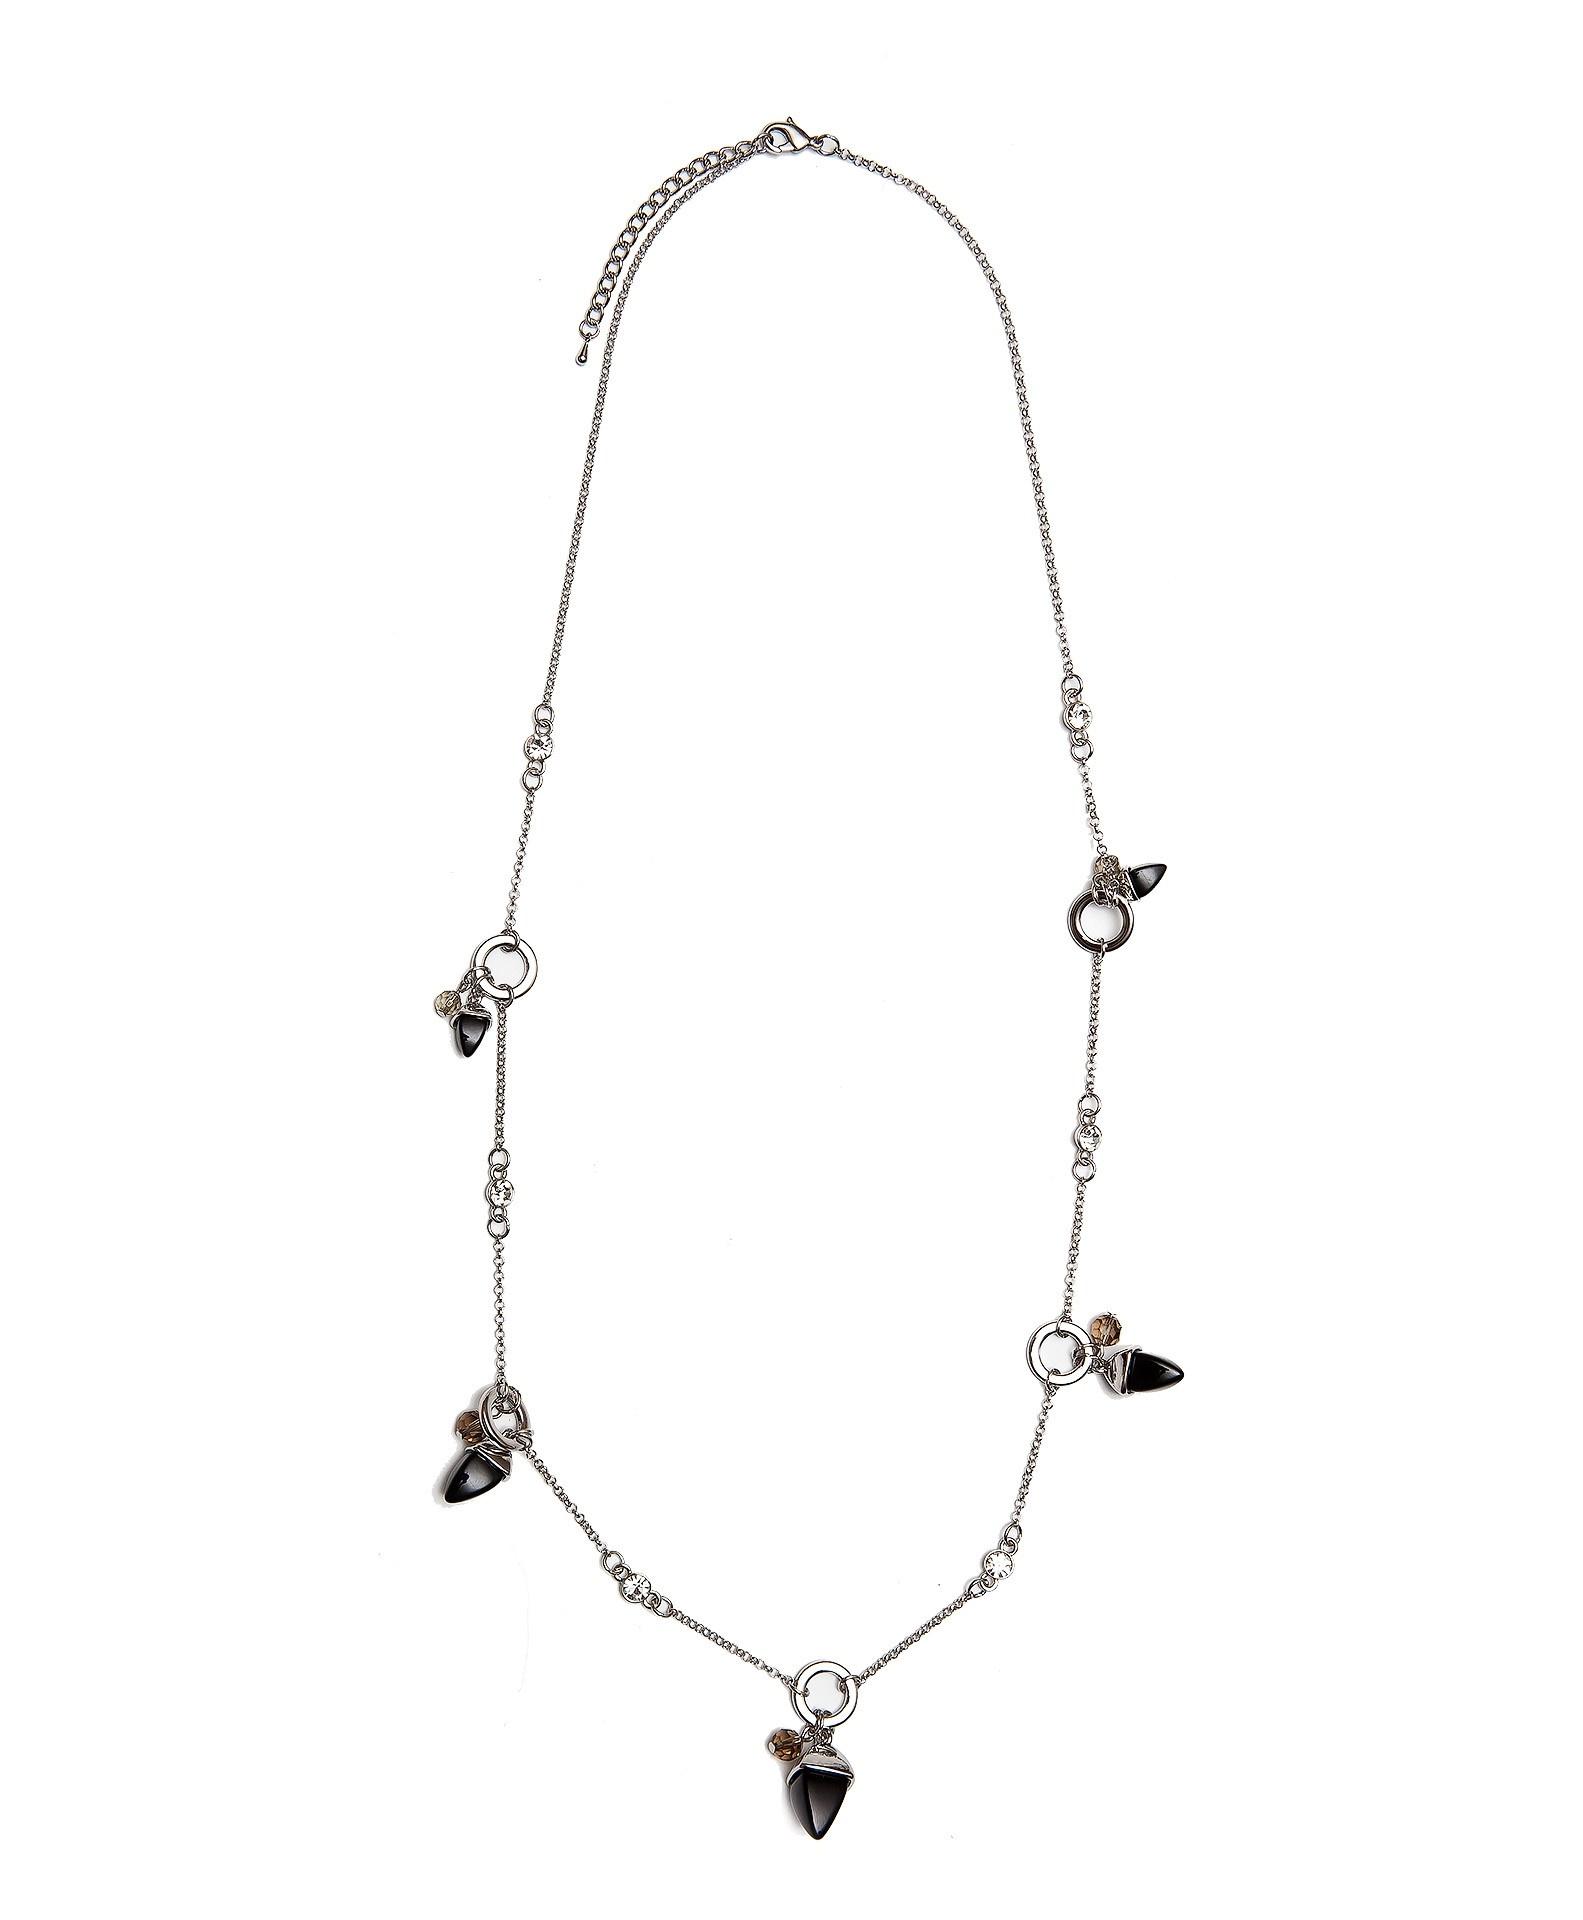 Колье Aiyony Macie, NC710018, серебряный, черныйNC710018Длина 79+5см., 90 см., ширина 1,4+2,8 см., украшение 2,3 х 2,3 см. Состав: агат, сплав на основе латуни